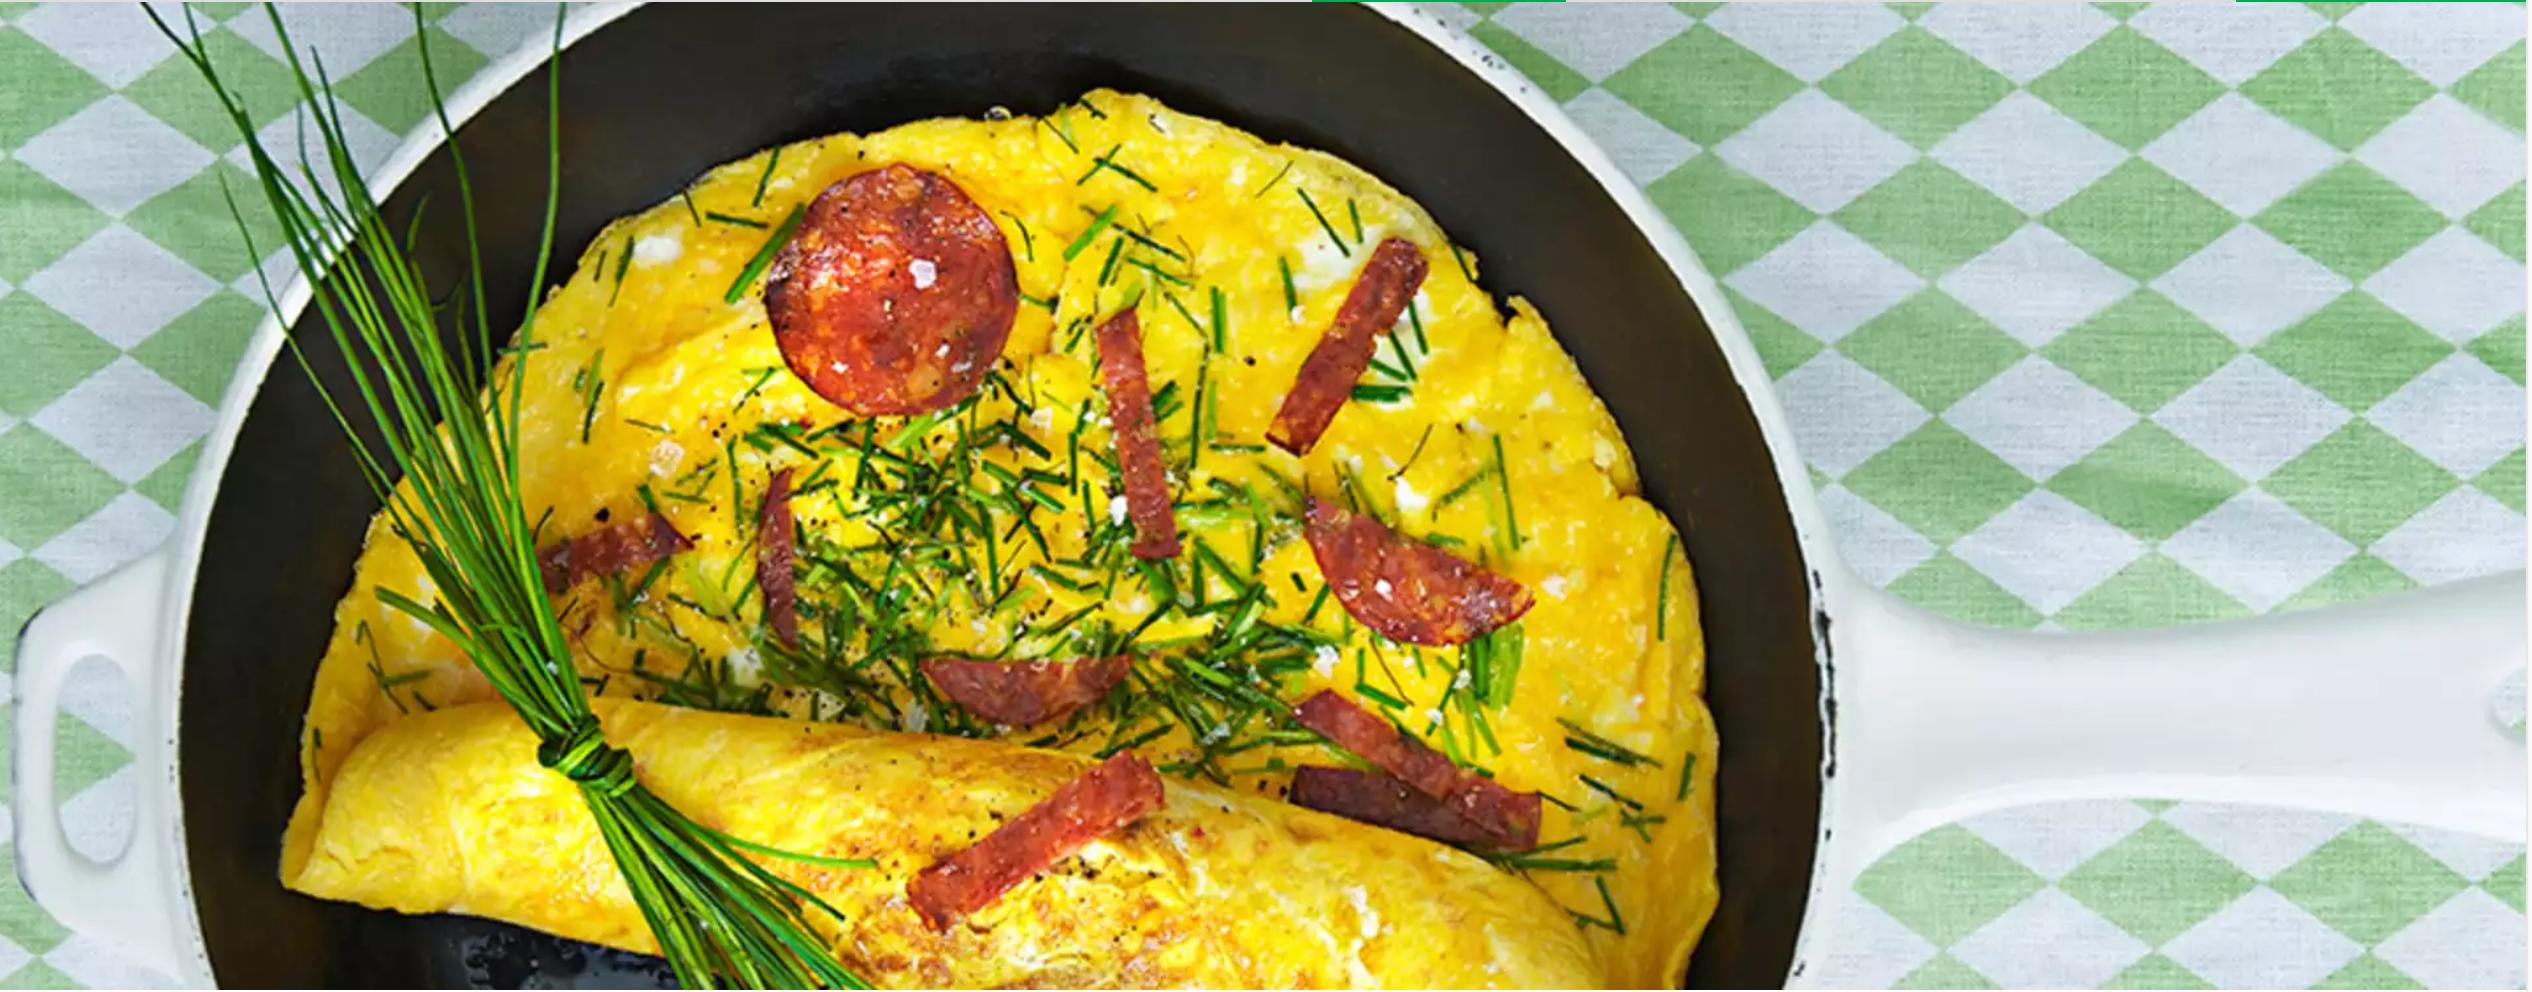 Omelett er en kjapp og billig måte å bruke opp andre matrester på.